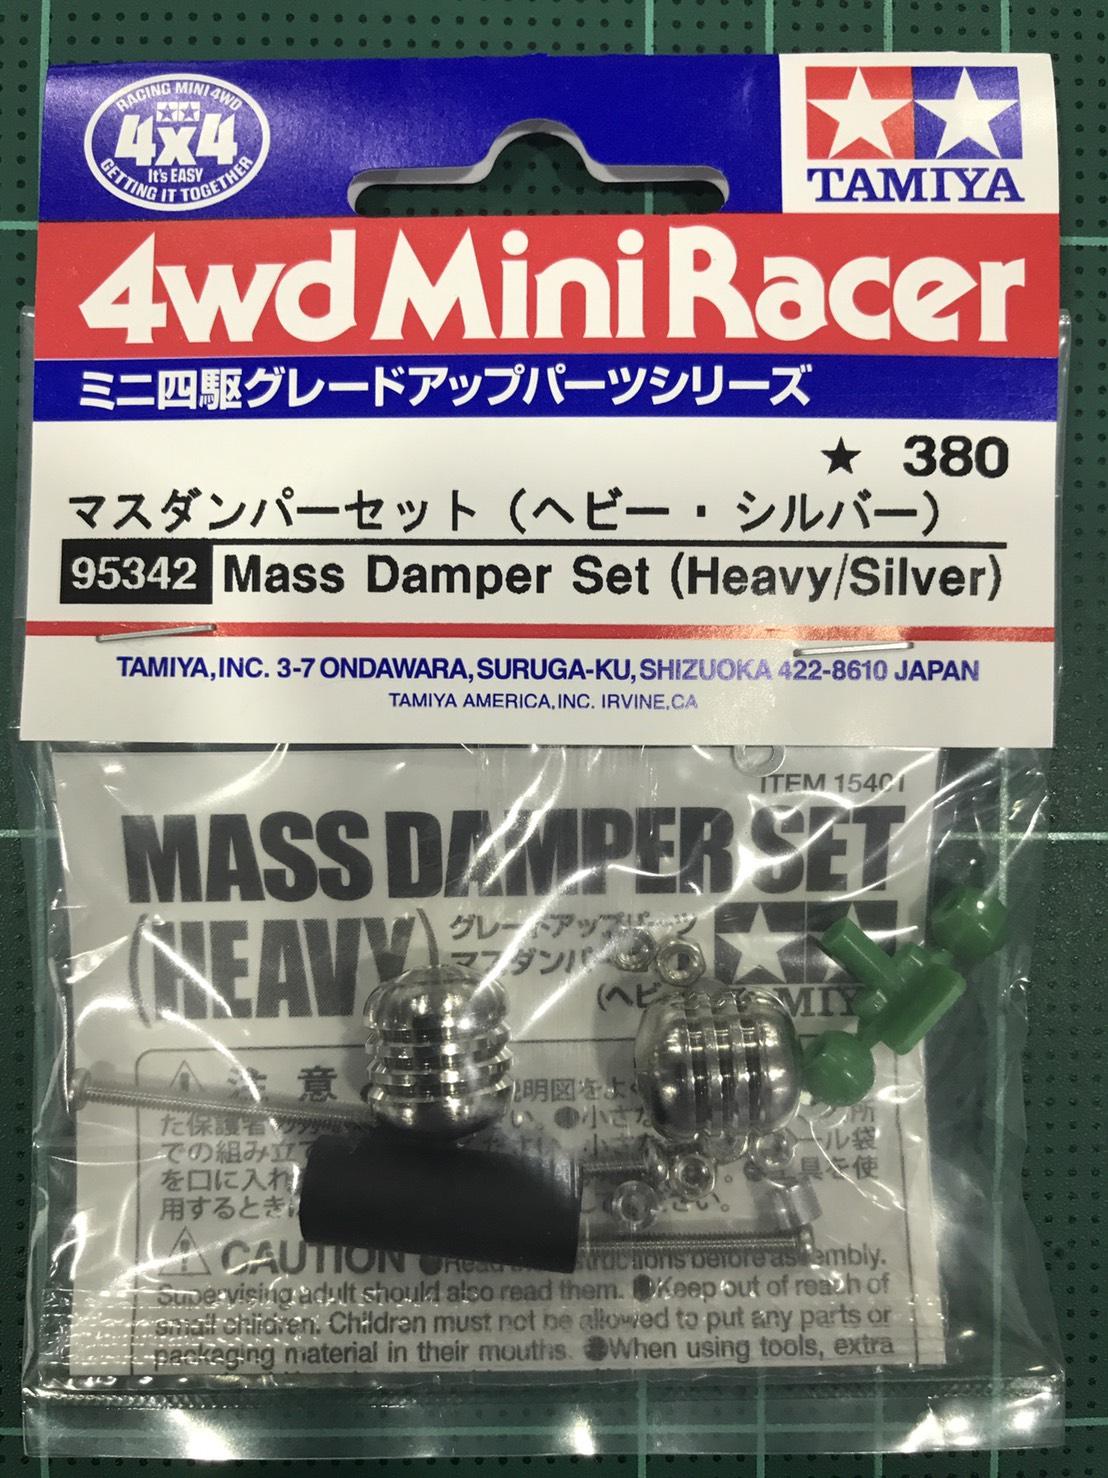 Mass Damper Set (Heavy/Sil)